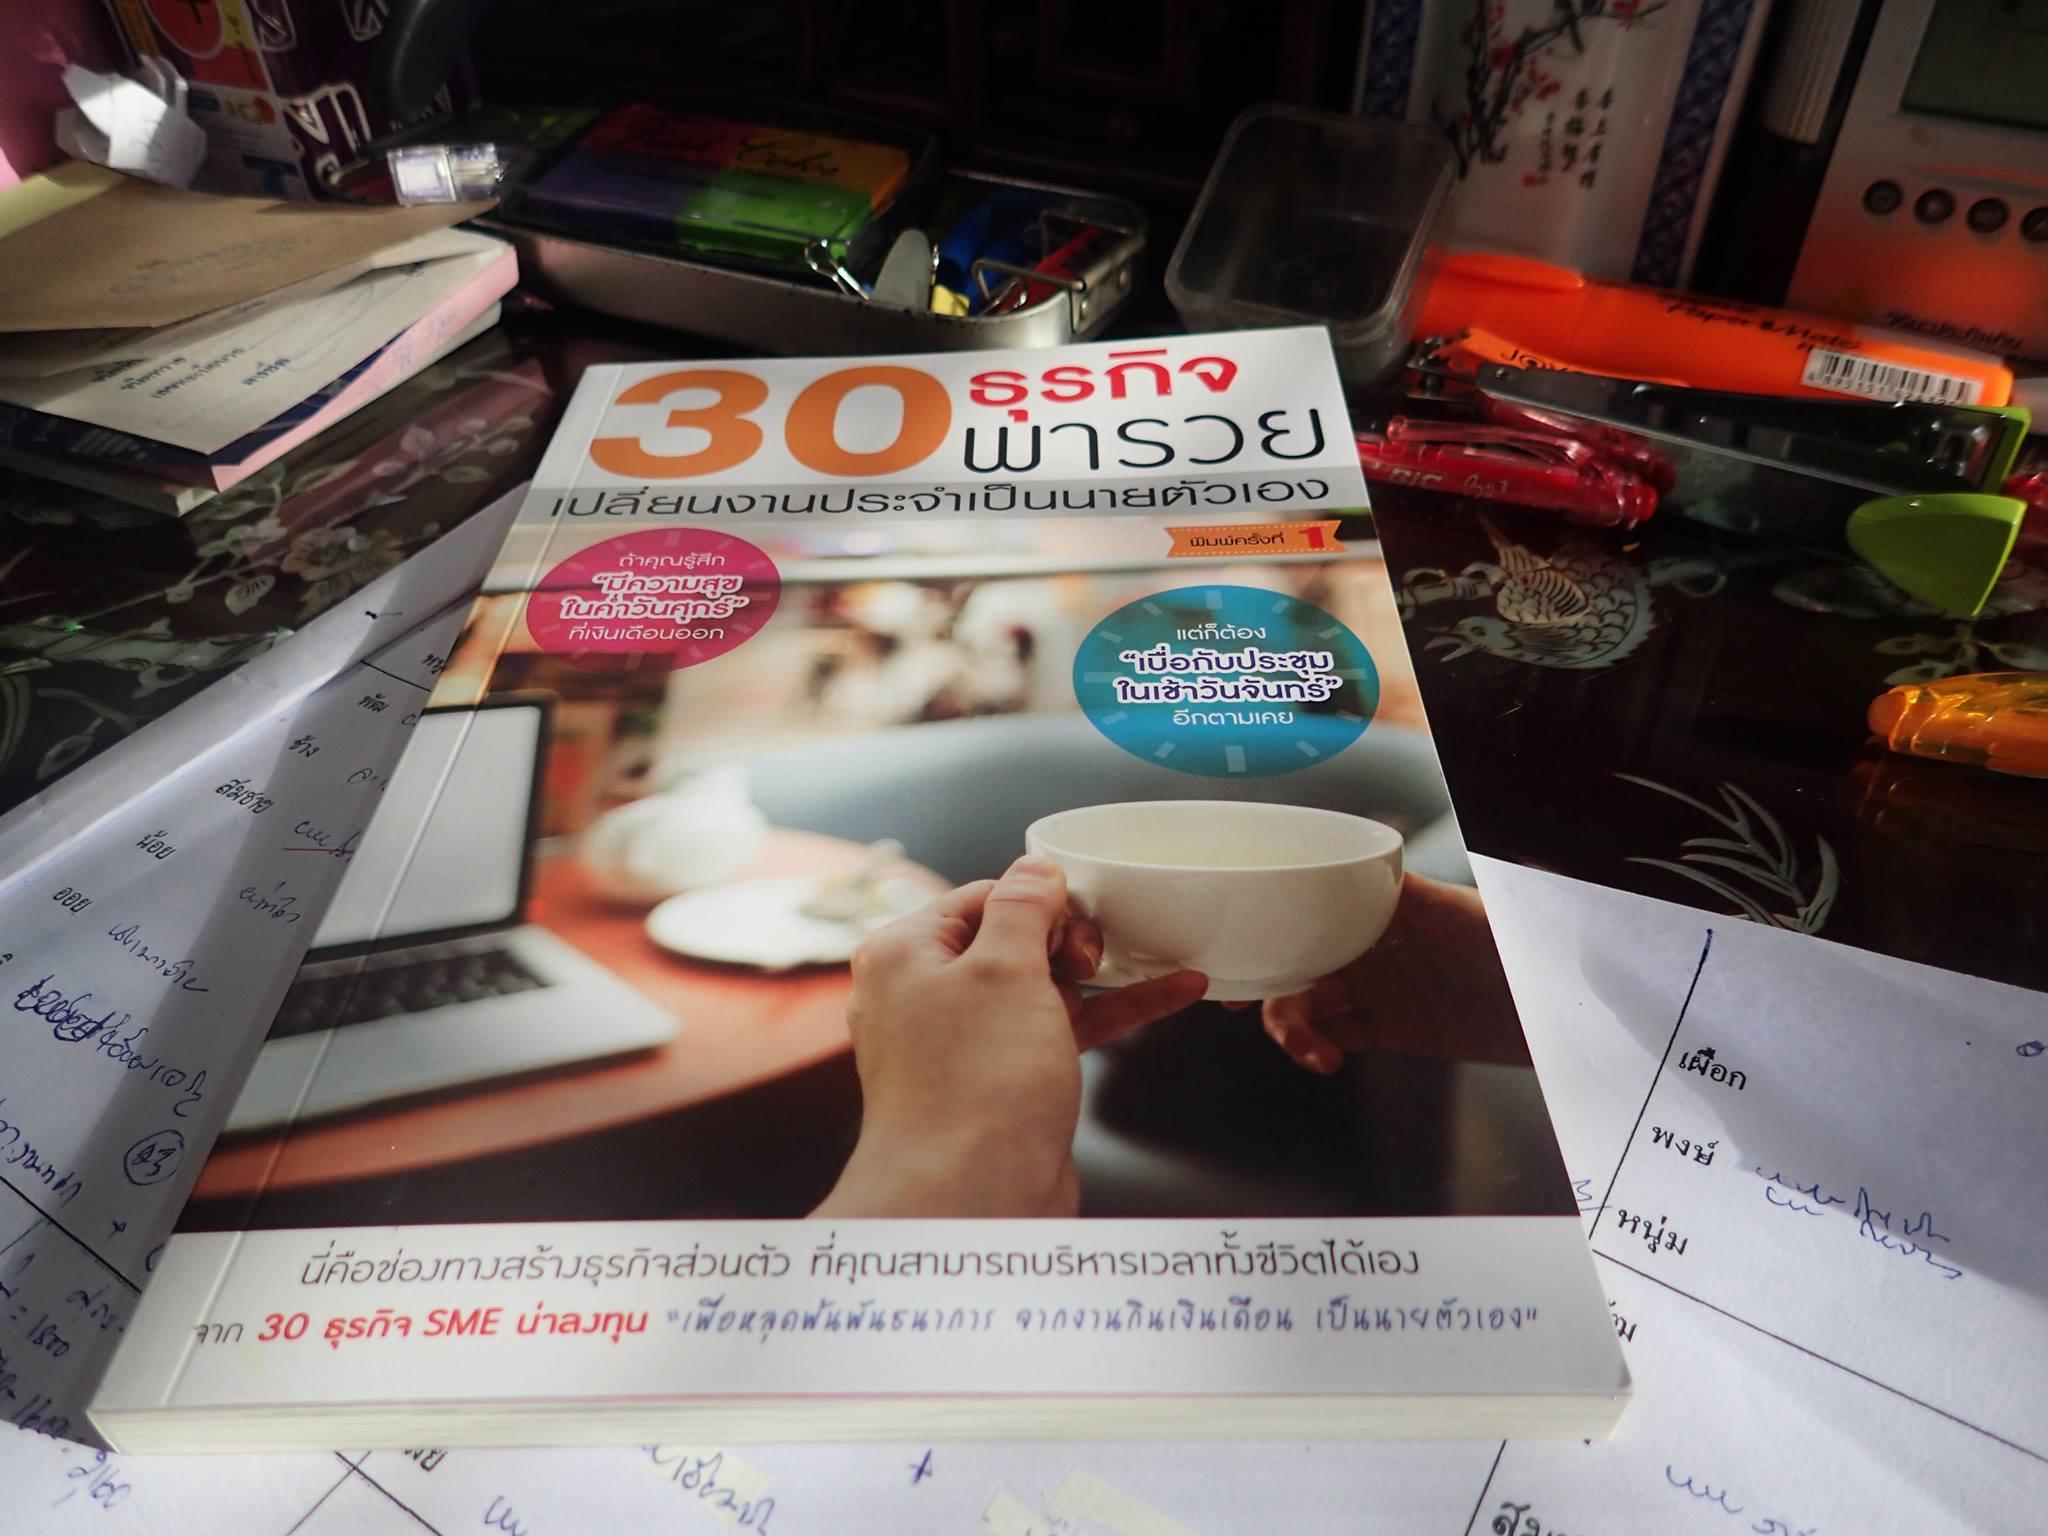 ลงหนังสือพอกเกตบุ๊ค นิตรสารพารวย  30 ธุรกิจพารวย 2558